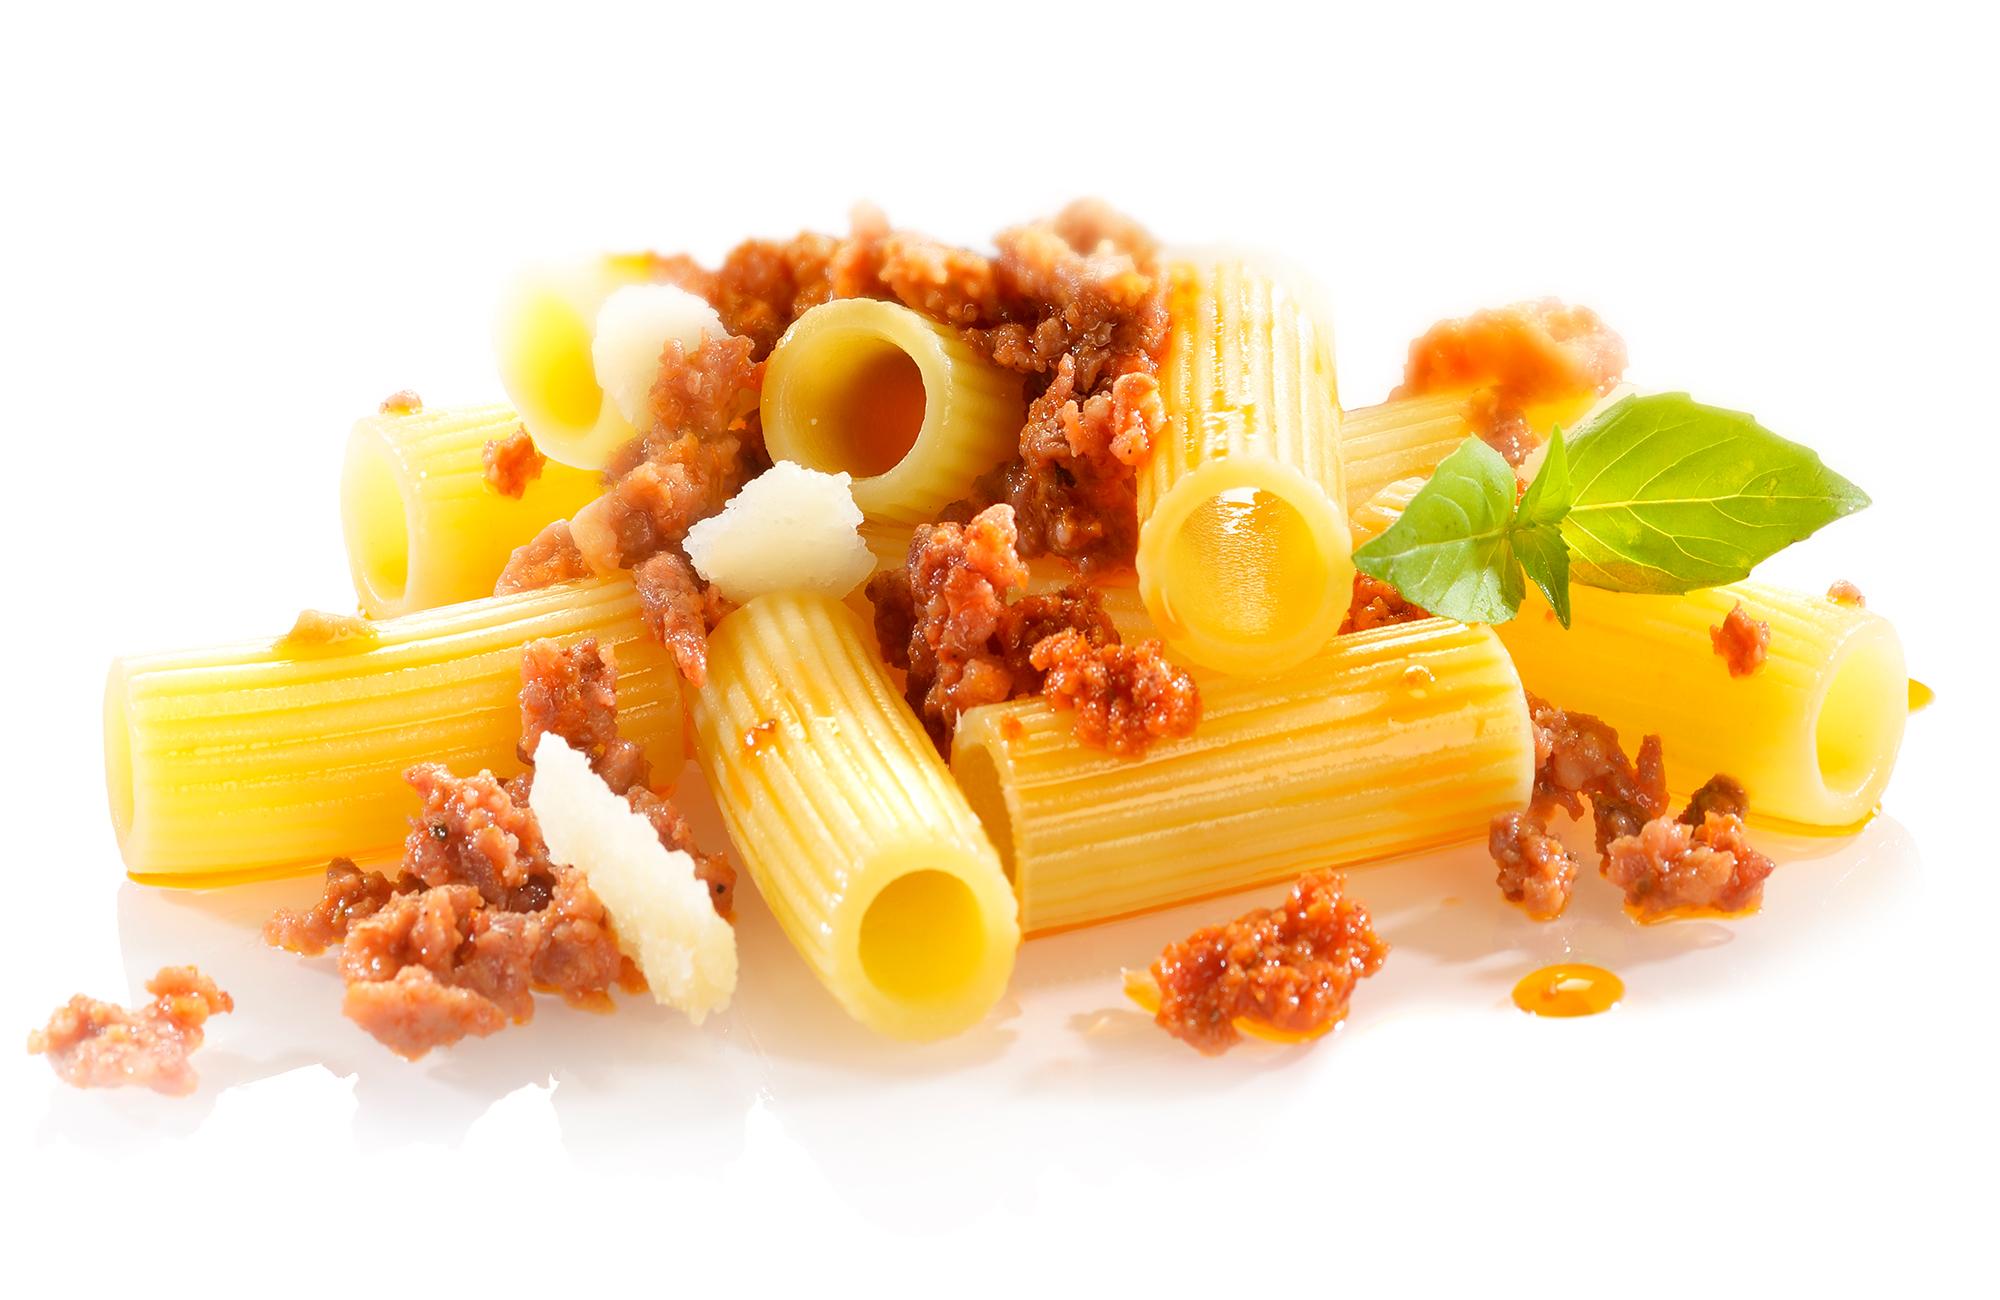 Eliche piccanti al Pesto Rosso Ponti con briciole di carne di vitello